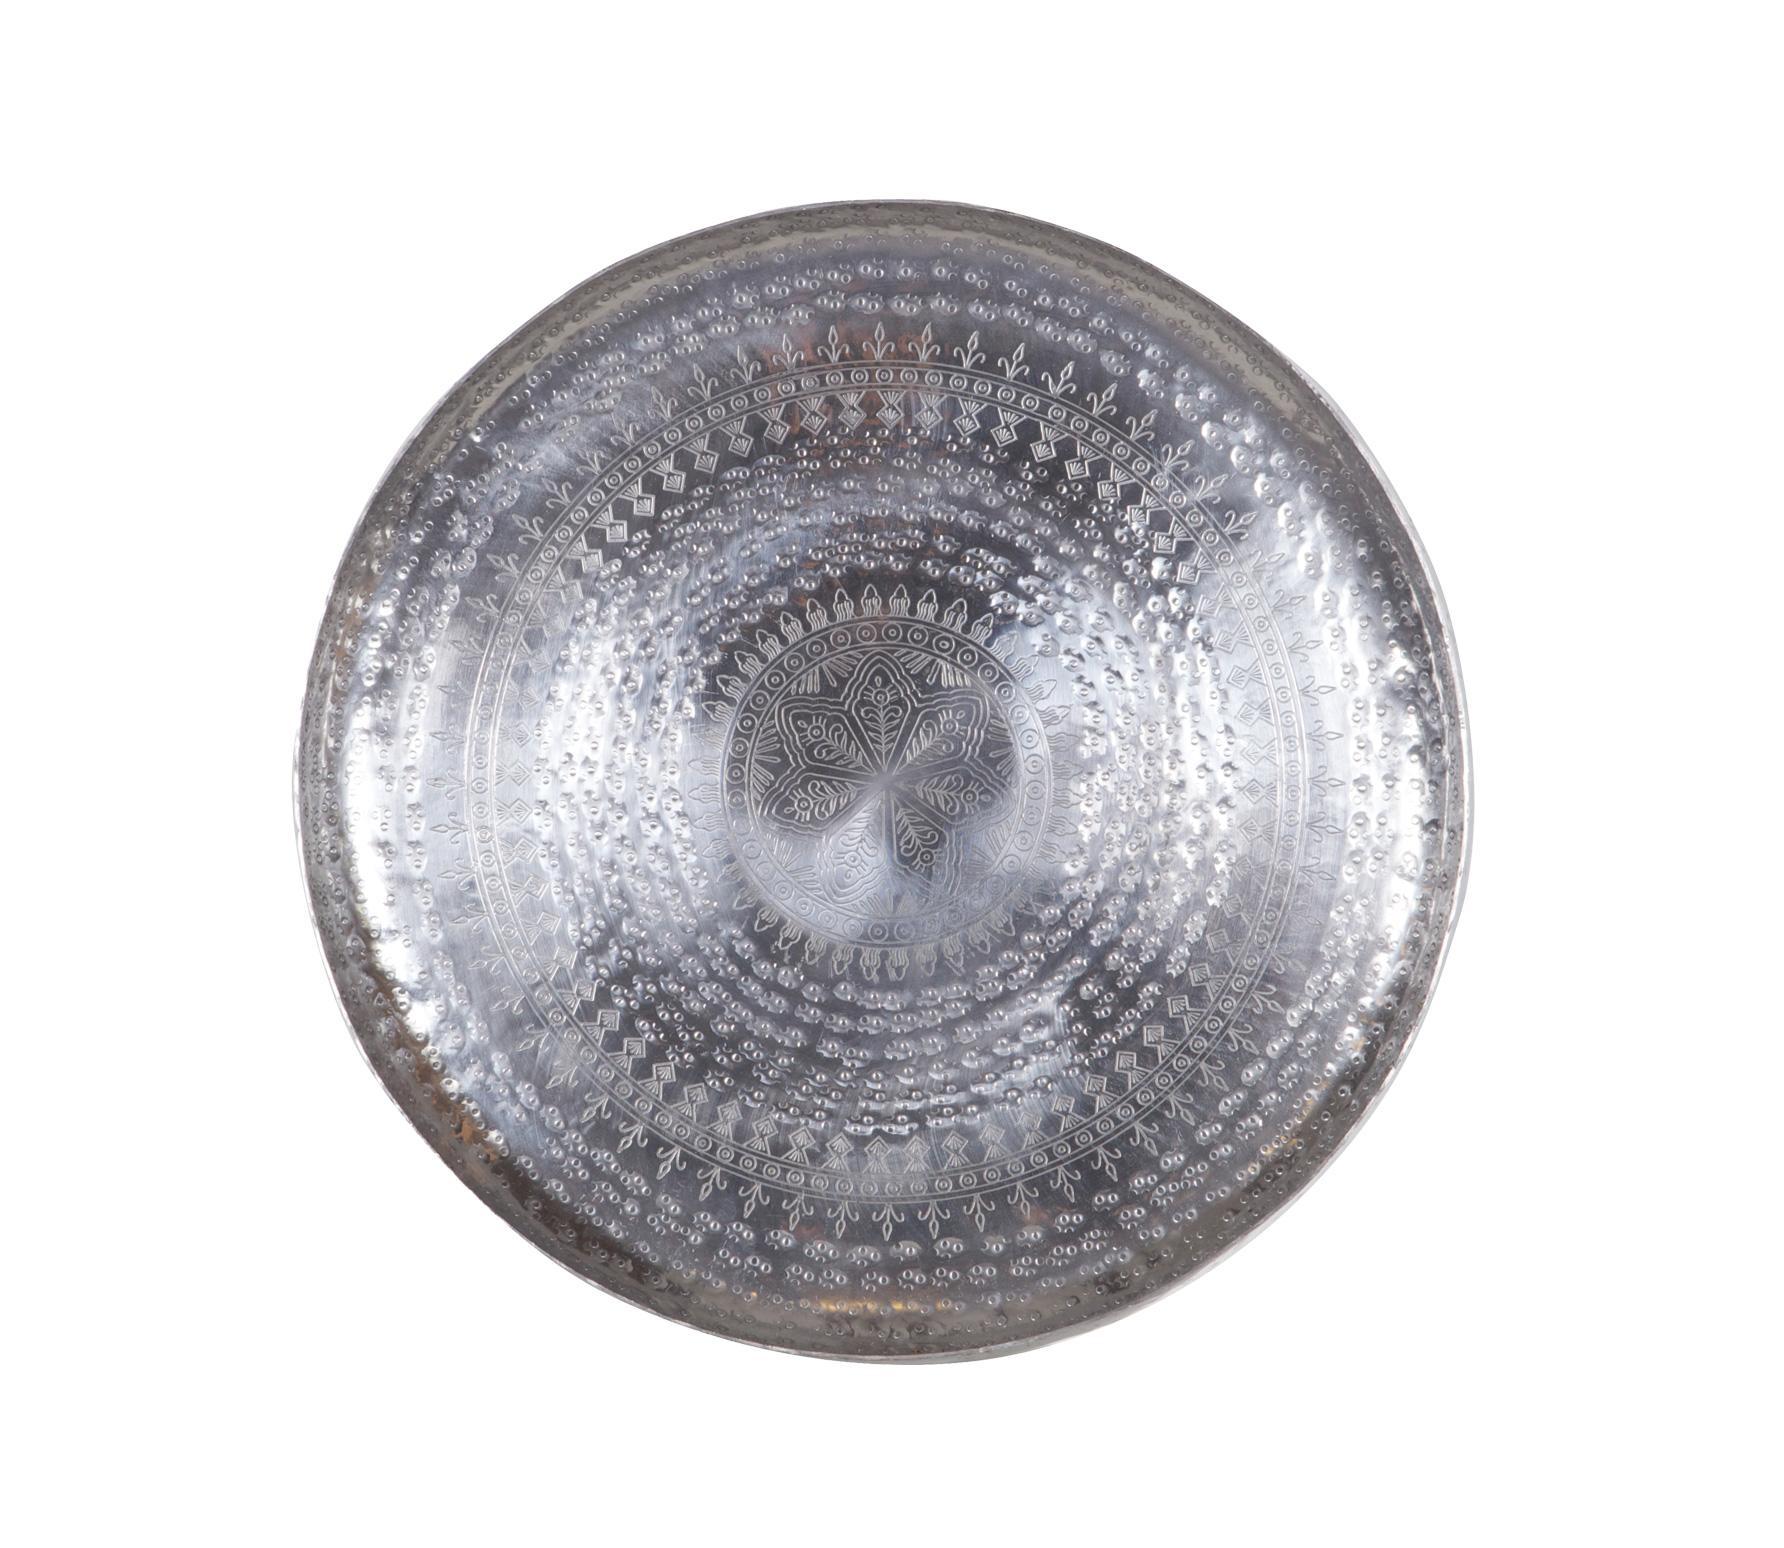 BePureHome Ibiza schaal - dienblad zilver metaal Ø 44 cm Zilver